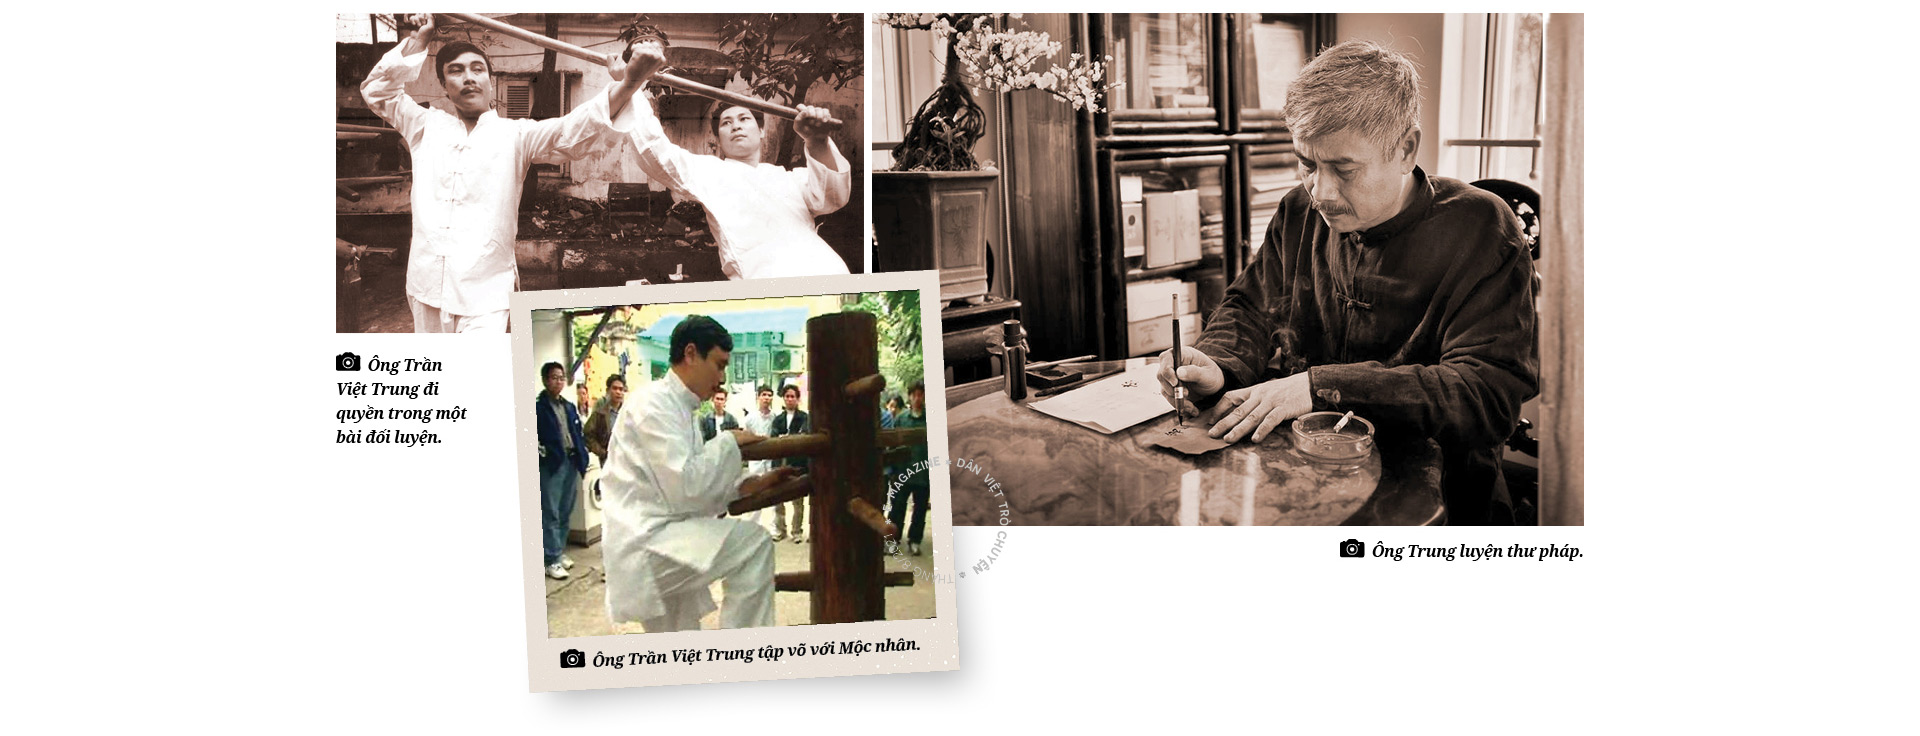 Nhà cách mạng Trần Tử Bình qua lời kể của võ sư Trần Việt Trung: Một cuộc đời như huyền thoại - Ảnh 19.